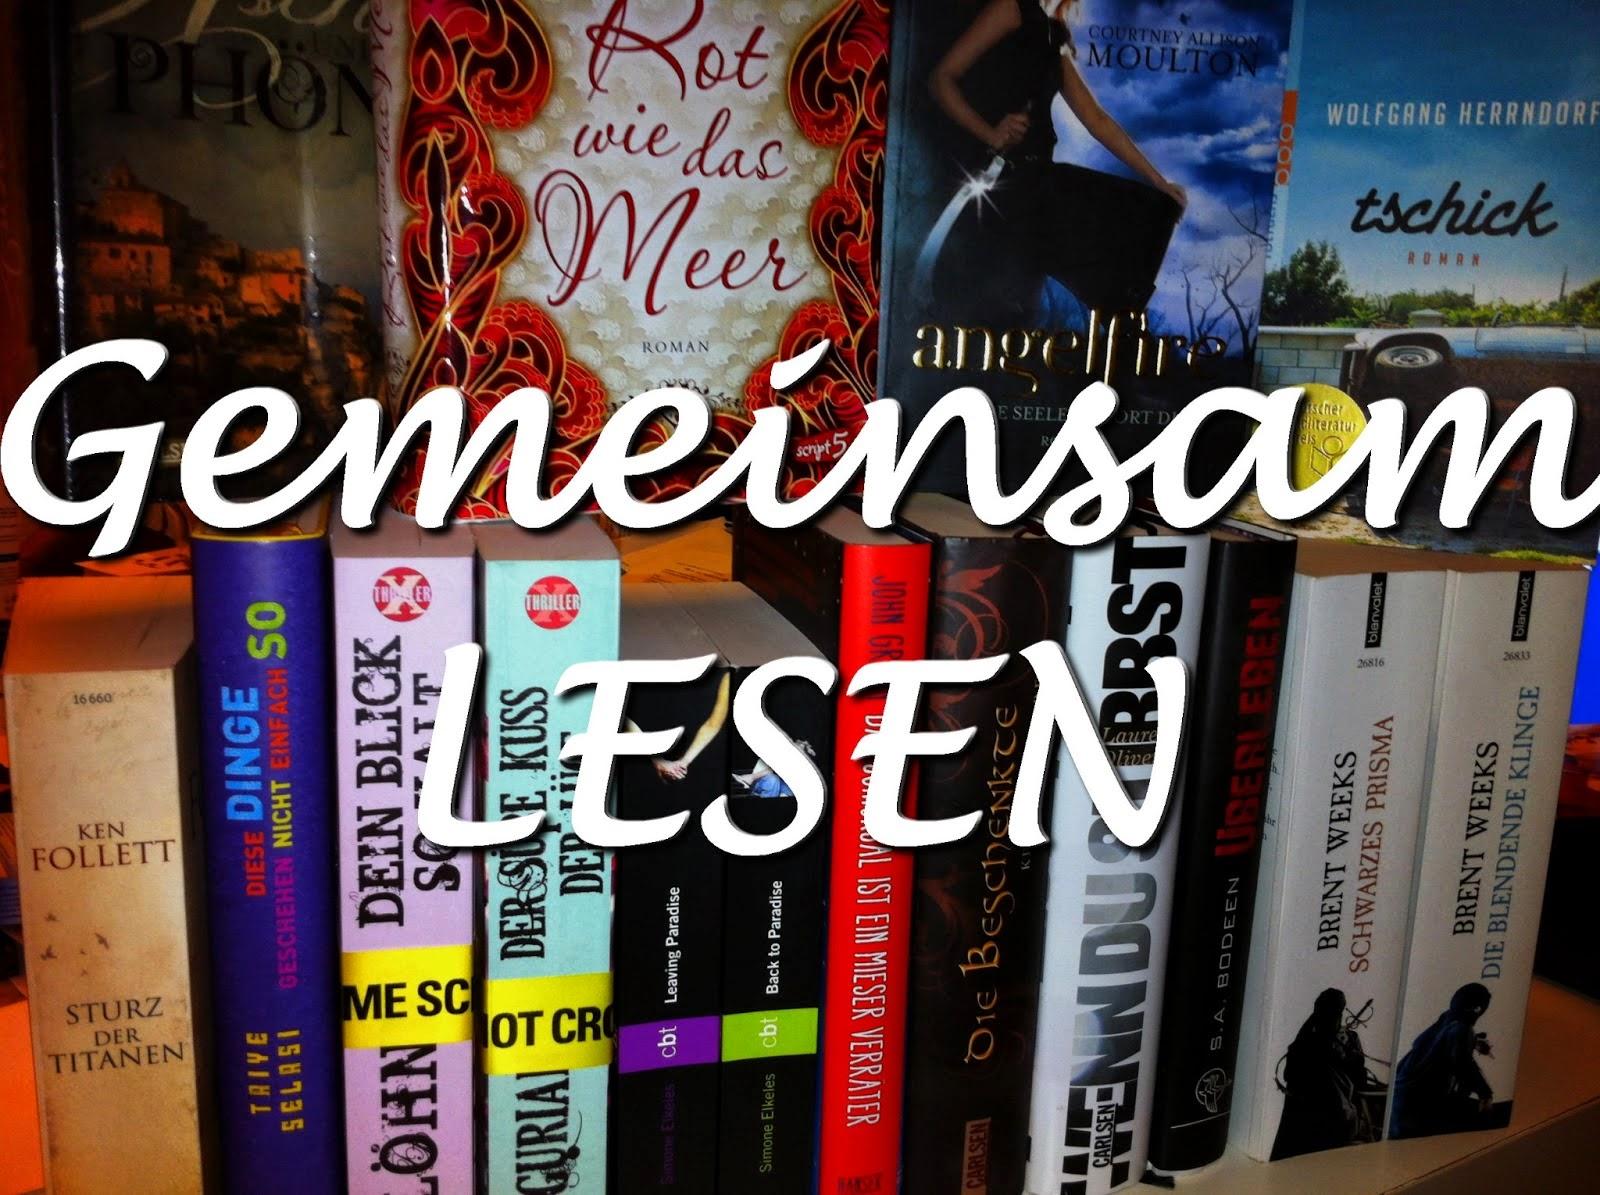 http://asaviels.blogspot.de/